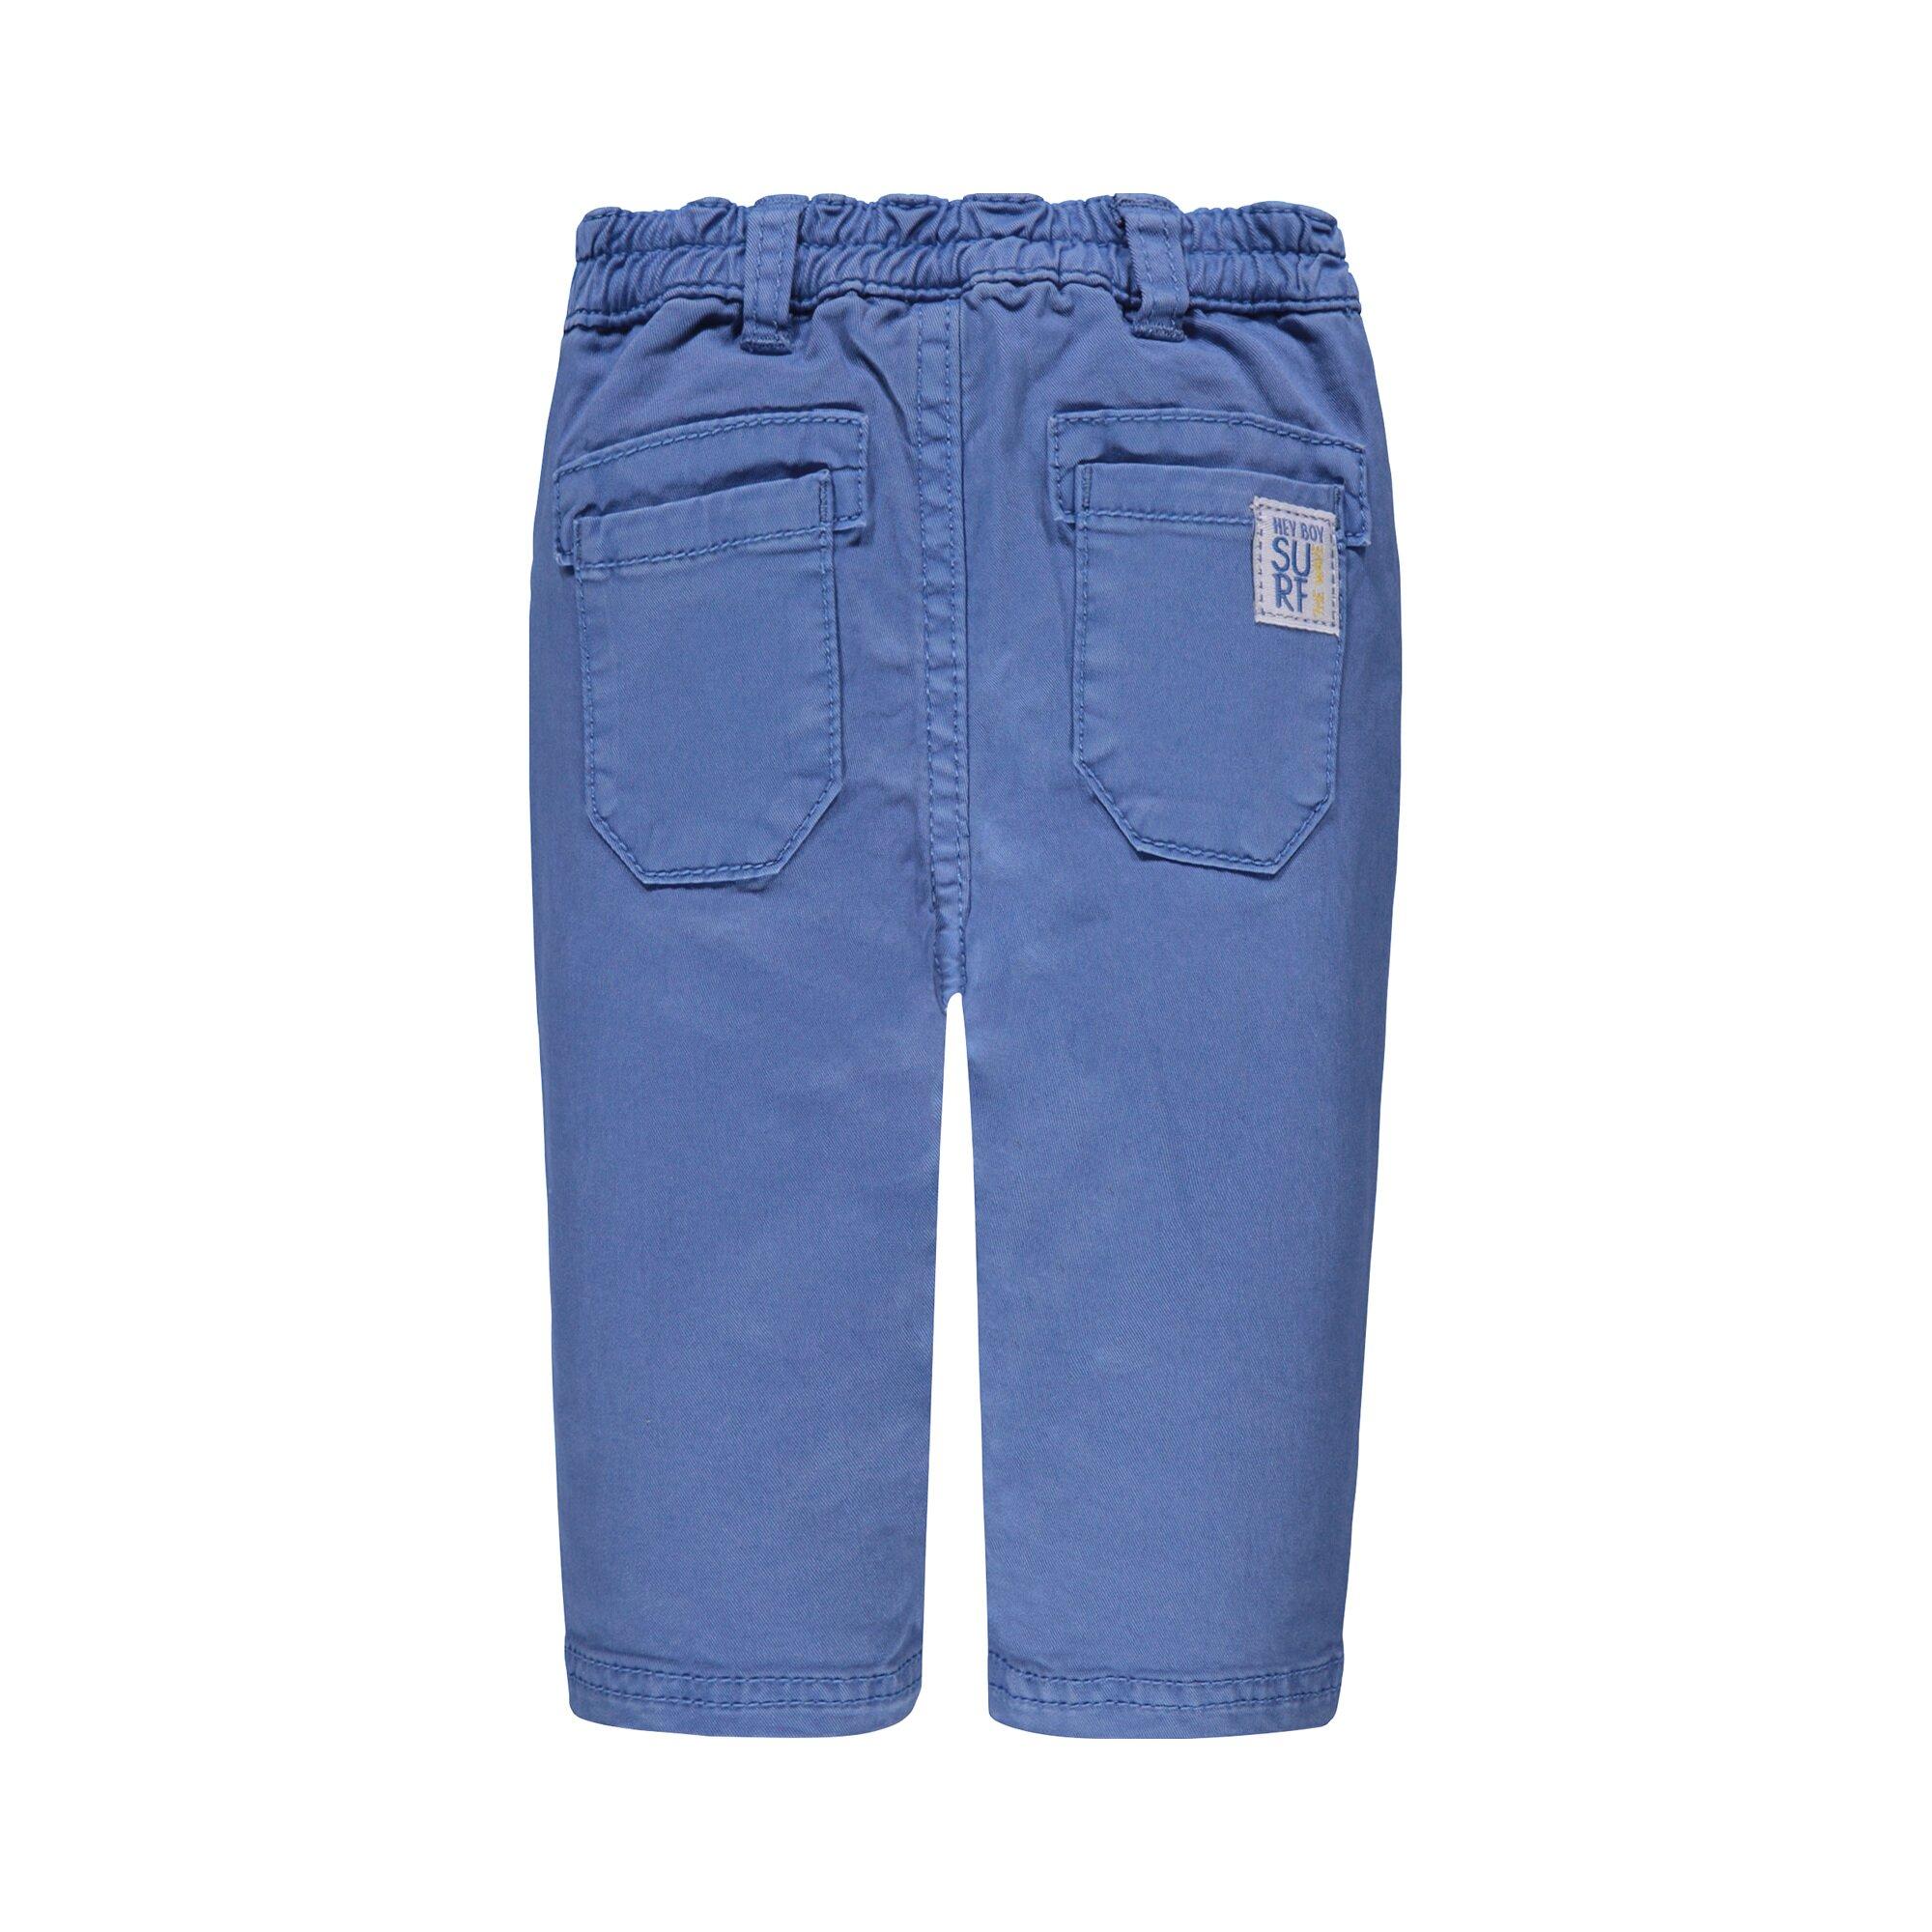 kanz-hose-5-pocket